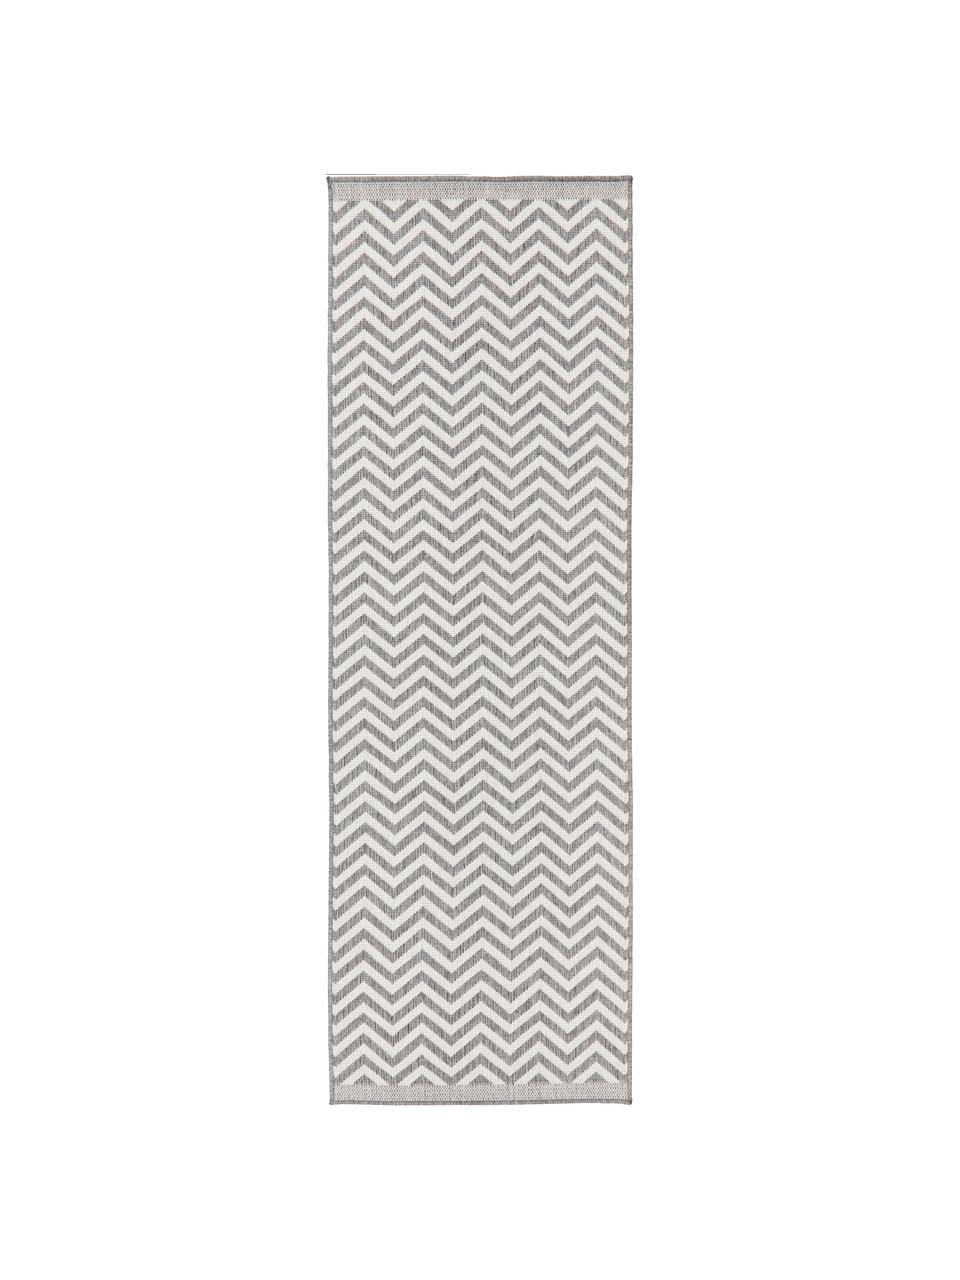 In- & Outdoor-Läufer Palma mit Zickzack-Muster, beidseitig verwendbar, 100% Polypropylen, Grau, Creme, 80 x 250 cm